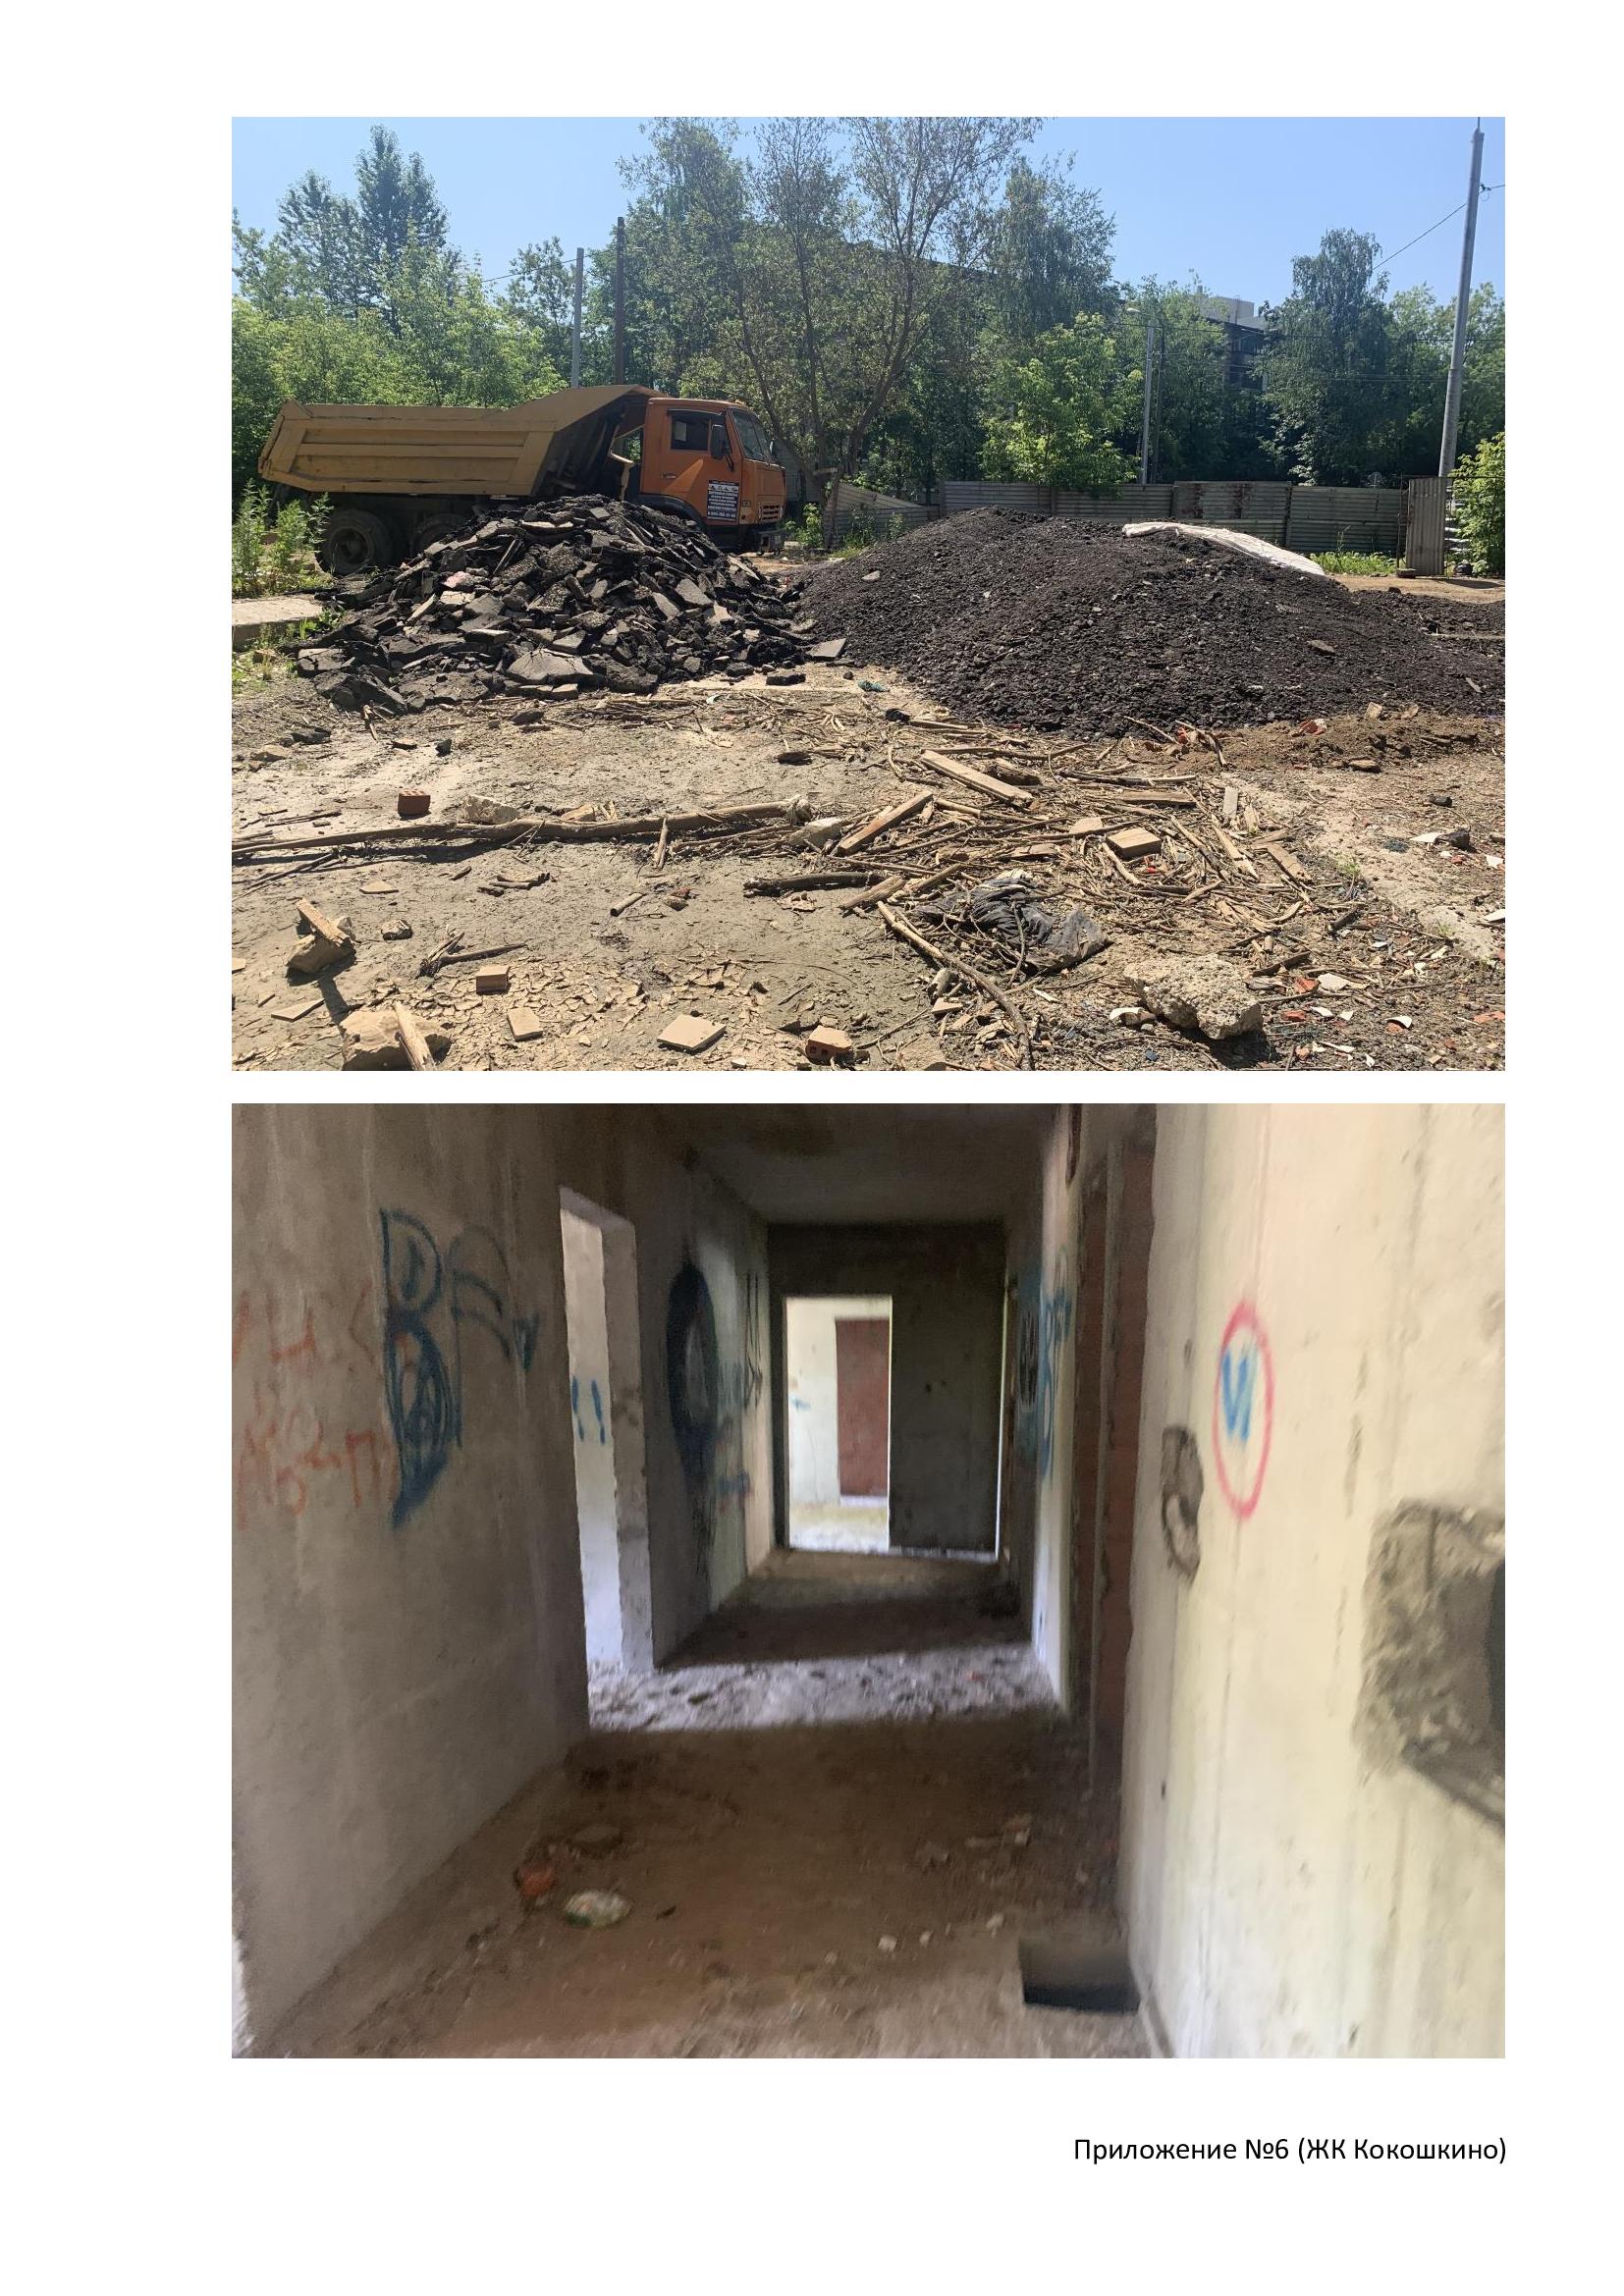 Аналитическая справка по достройке жилого дома в Кокошкино